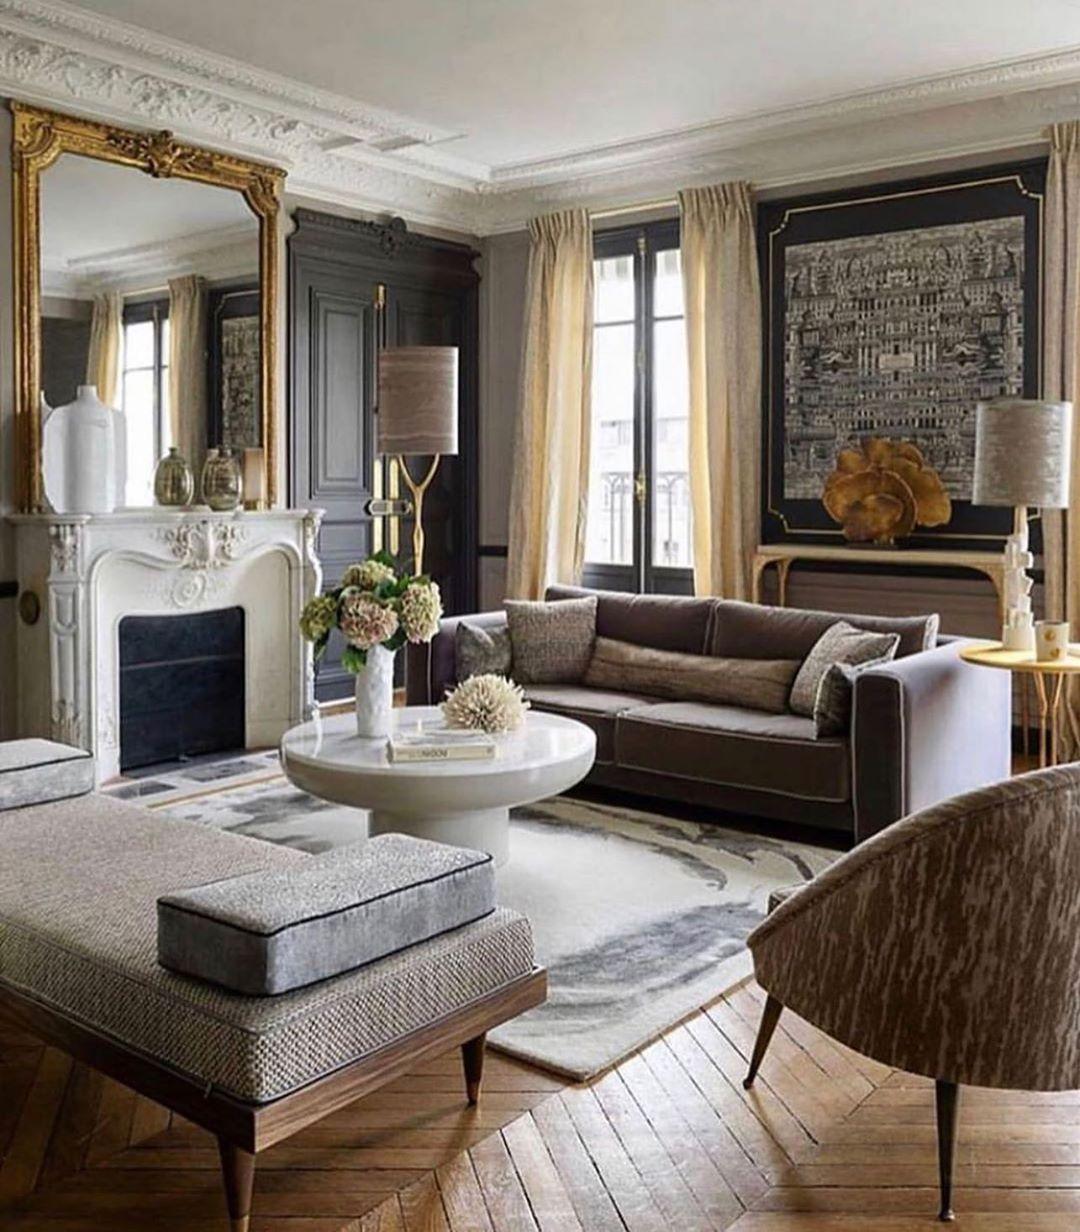 Paris Home Decor, Home Decor